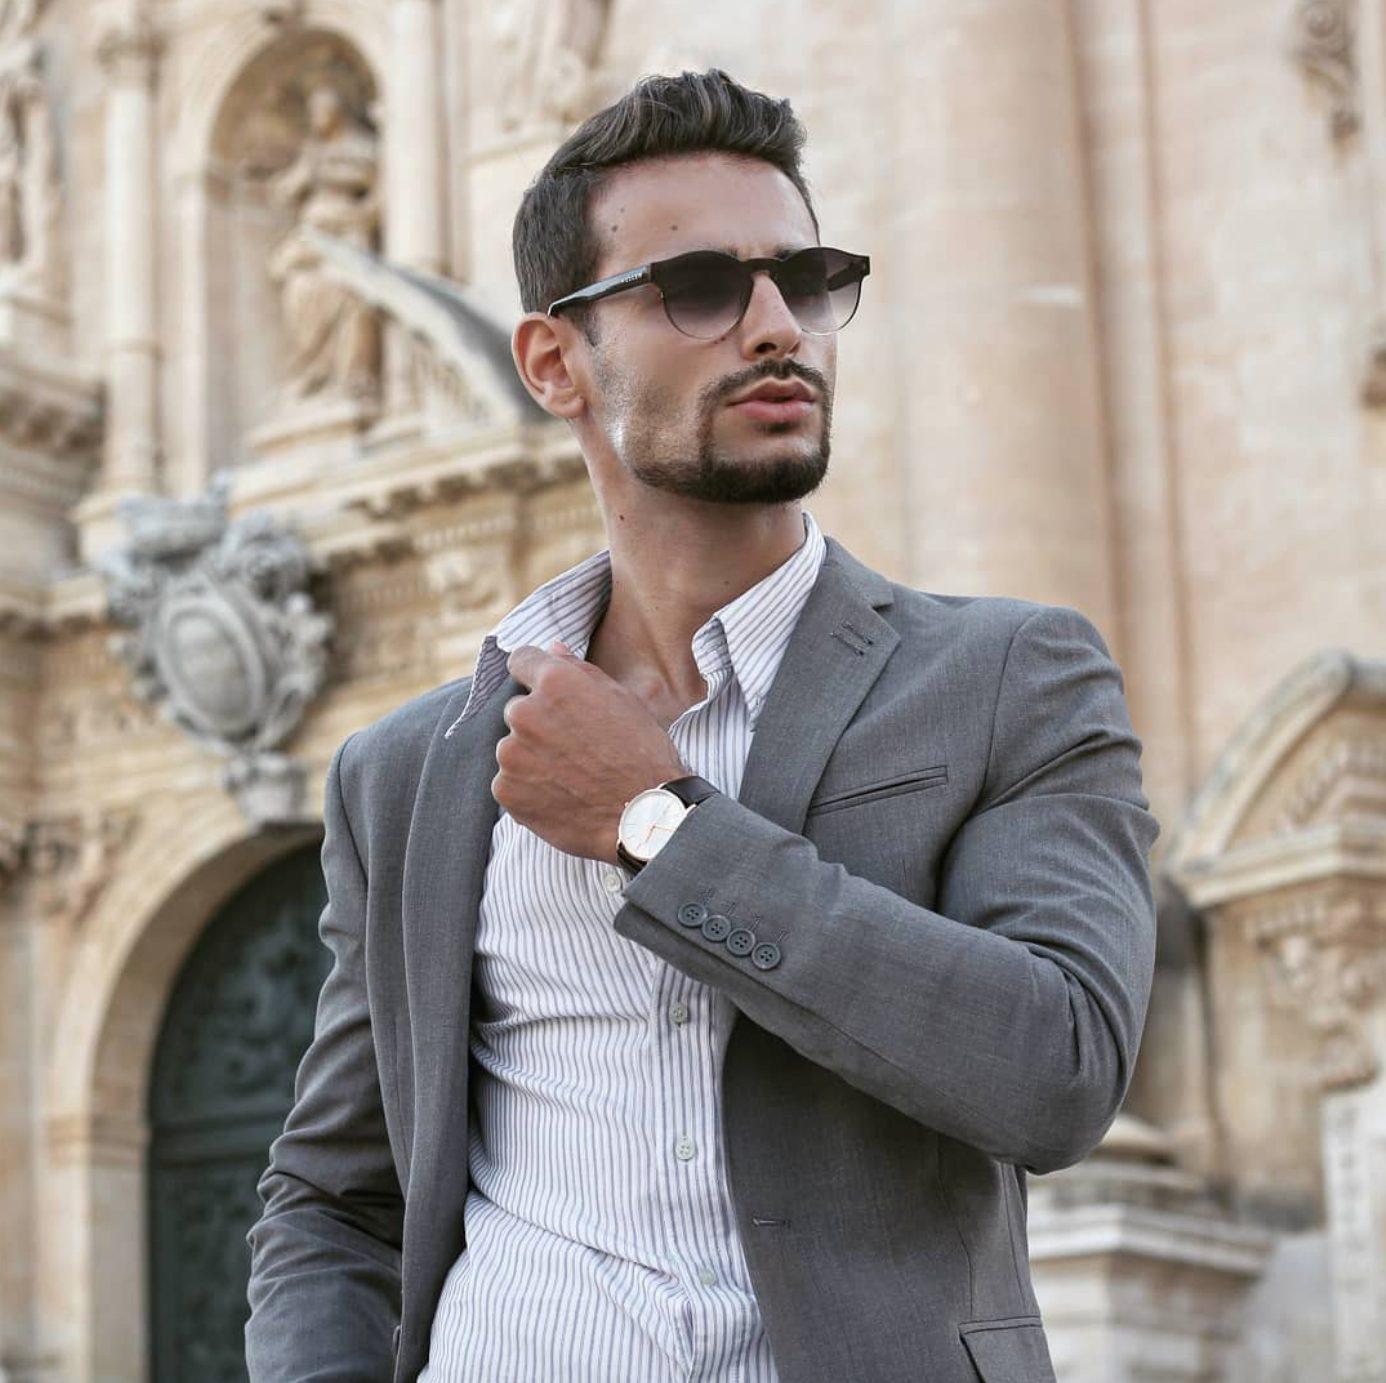 Giacche Moda Uomo Autunno Inverno 2021 2022 Corrado Firera, Web influencer italiani, fashion blogger italiani, giacche per uomo, modelli